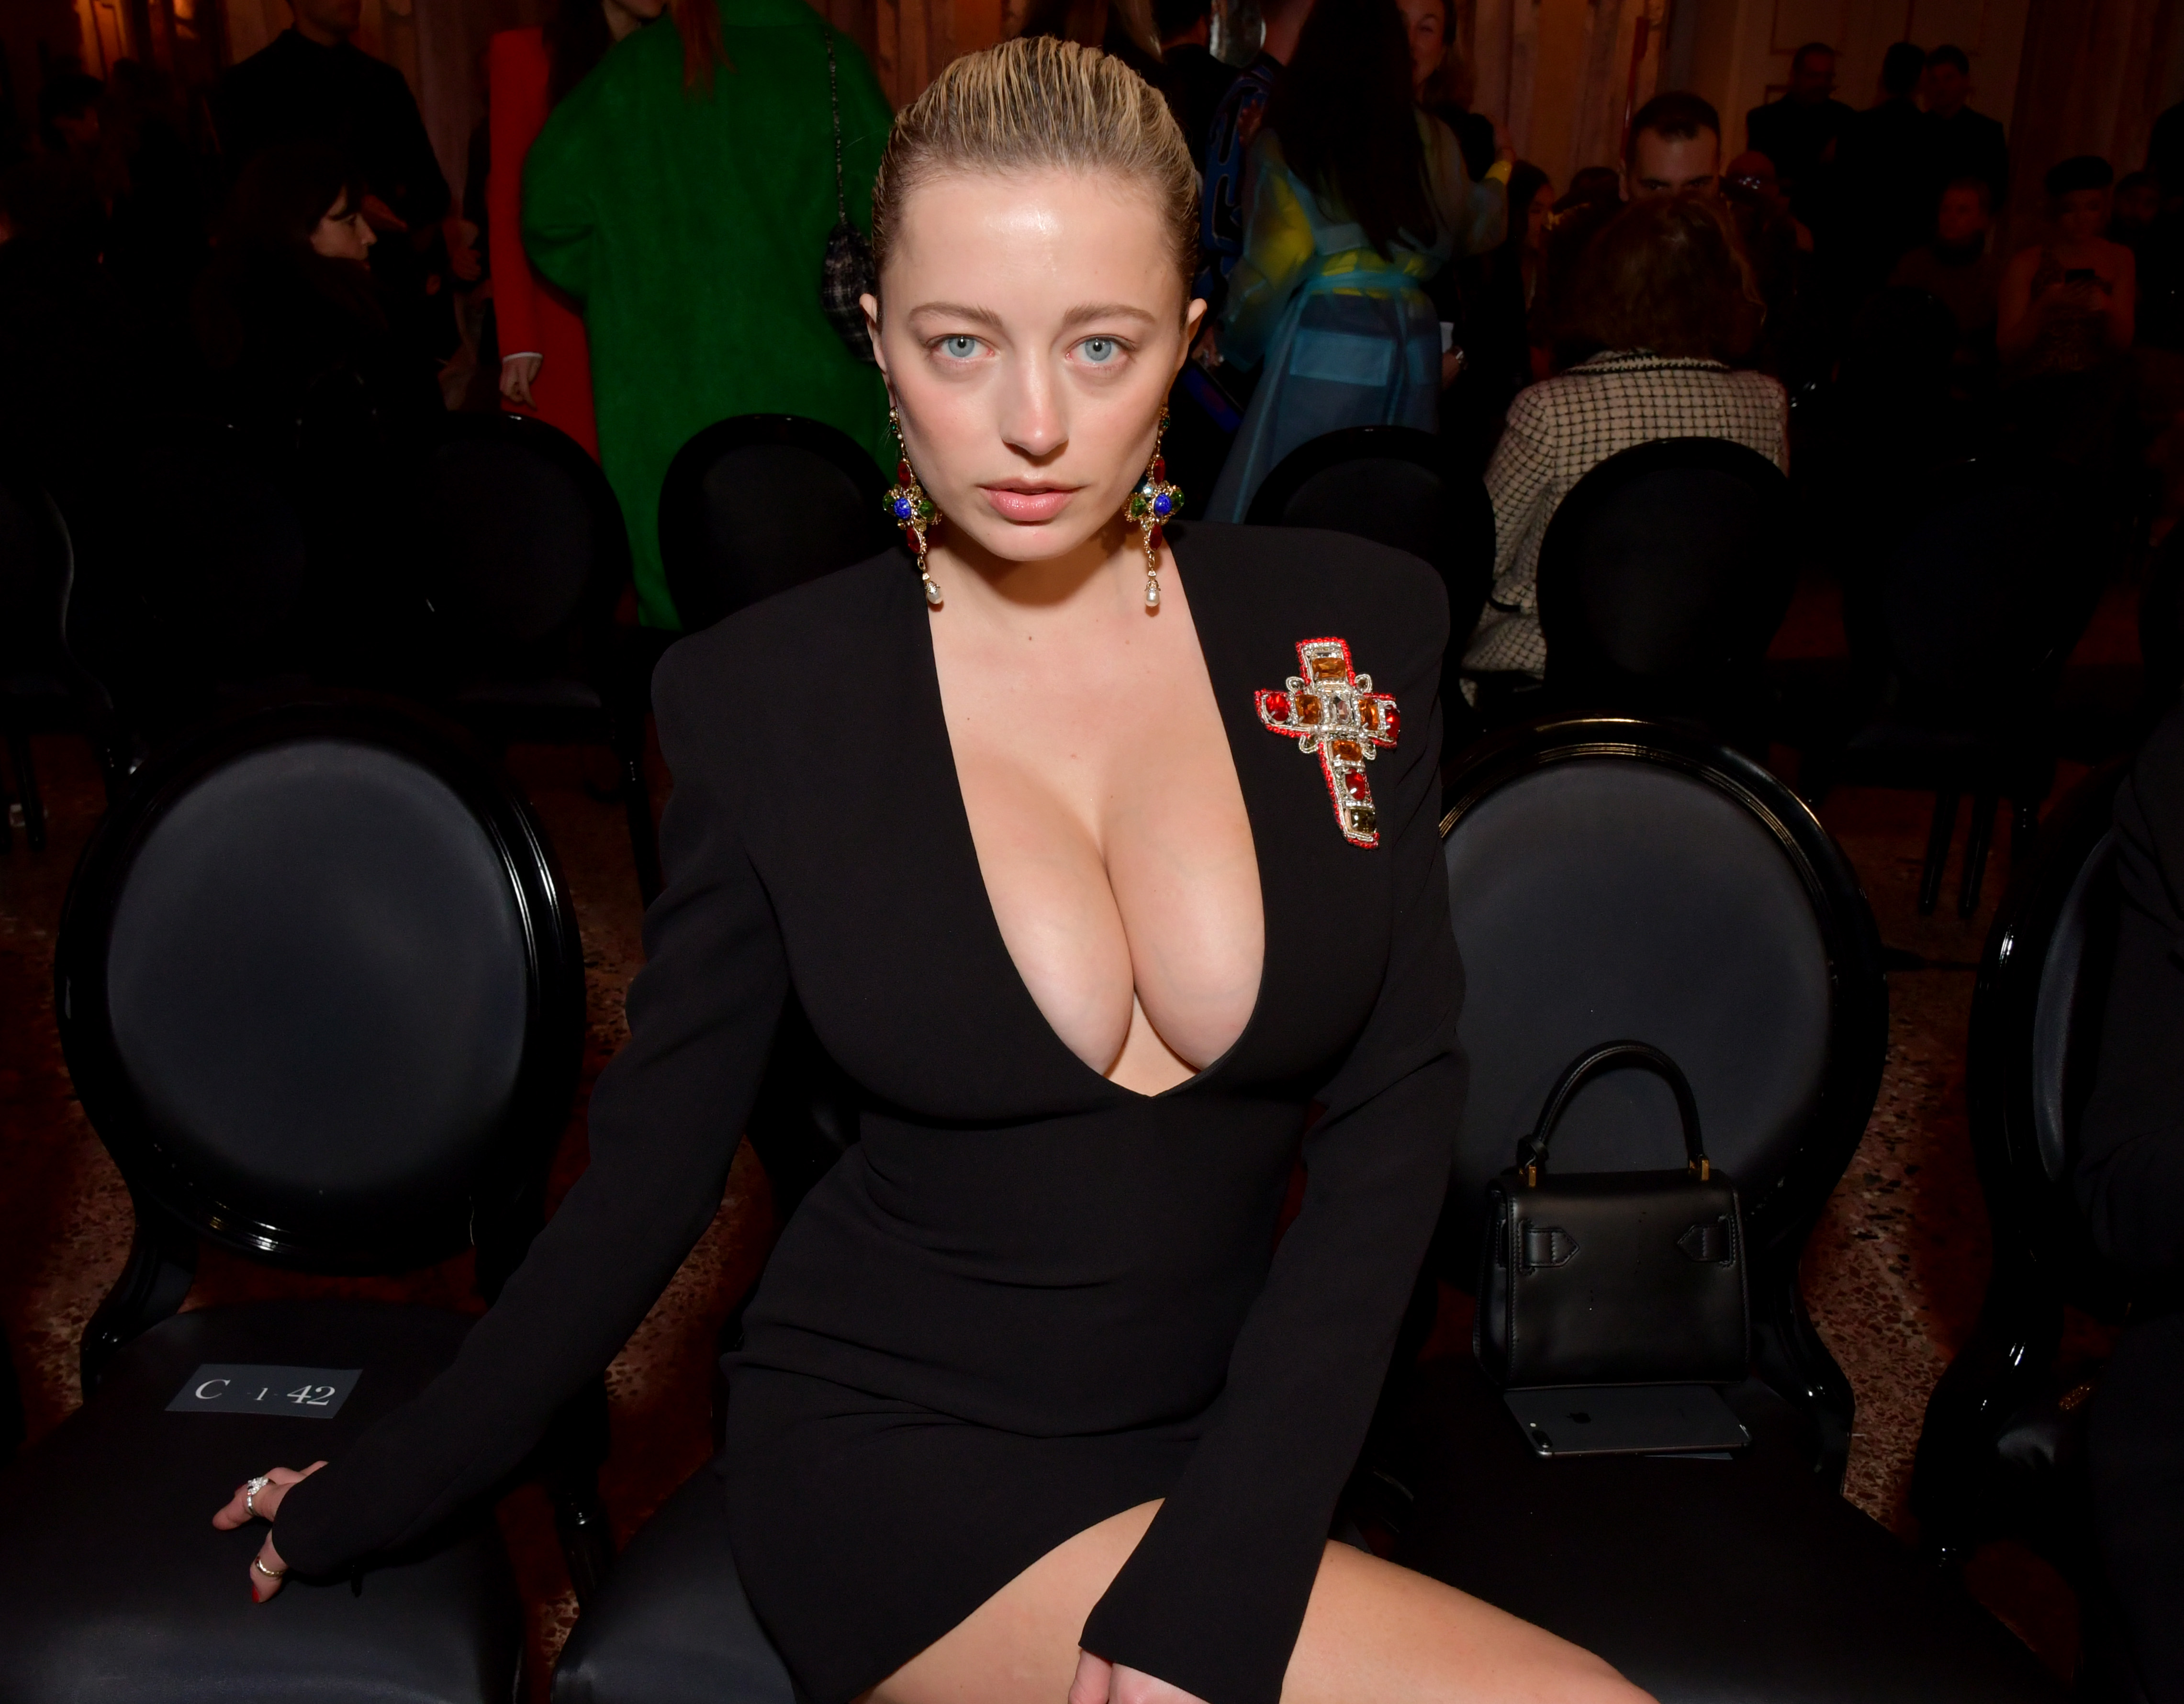 TheFappeningBlog.com-Caroline-Vreeland-Sexy-2.jpg